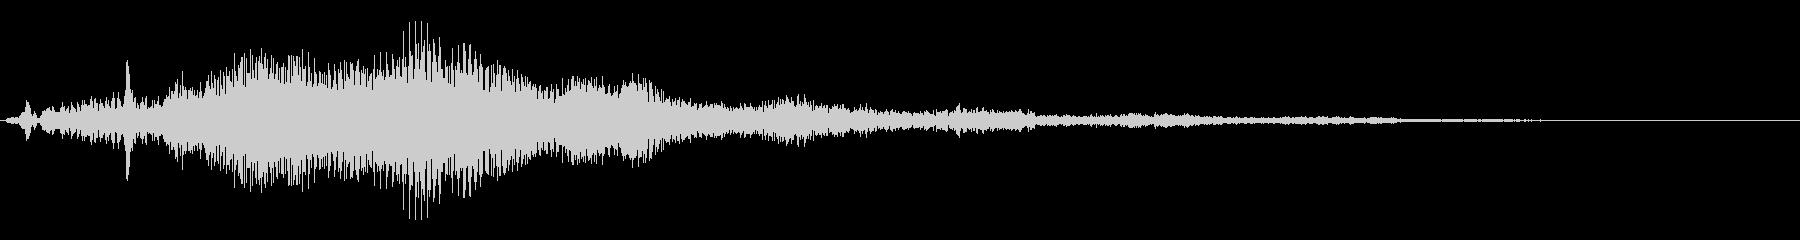 場面切り替え(シーン):SF風の音2の未再生の波形